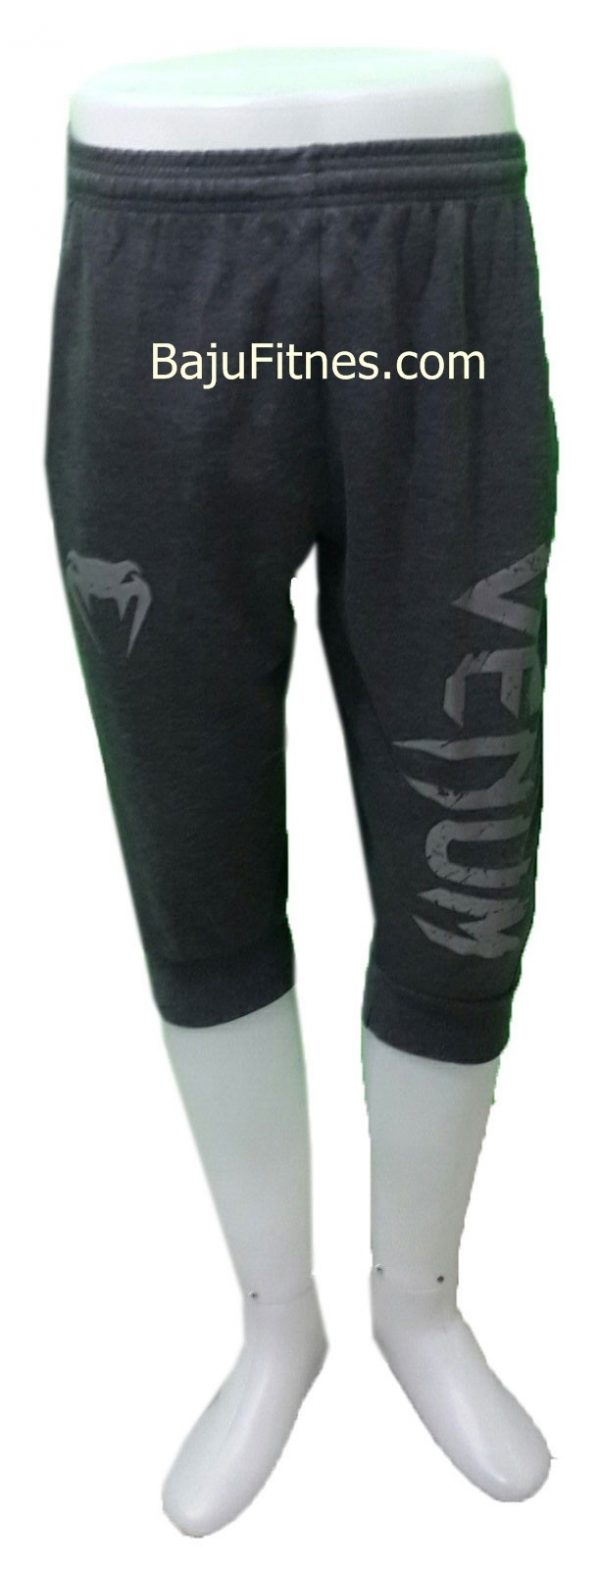 089506541896 Tri | 3546-harga-baju-dan-celana-untuk-fitnessdi-indonesia